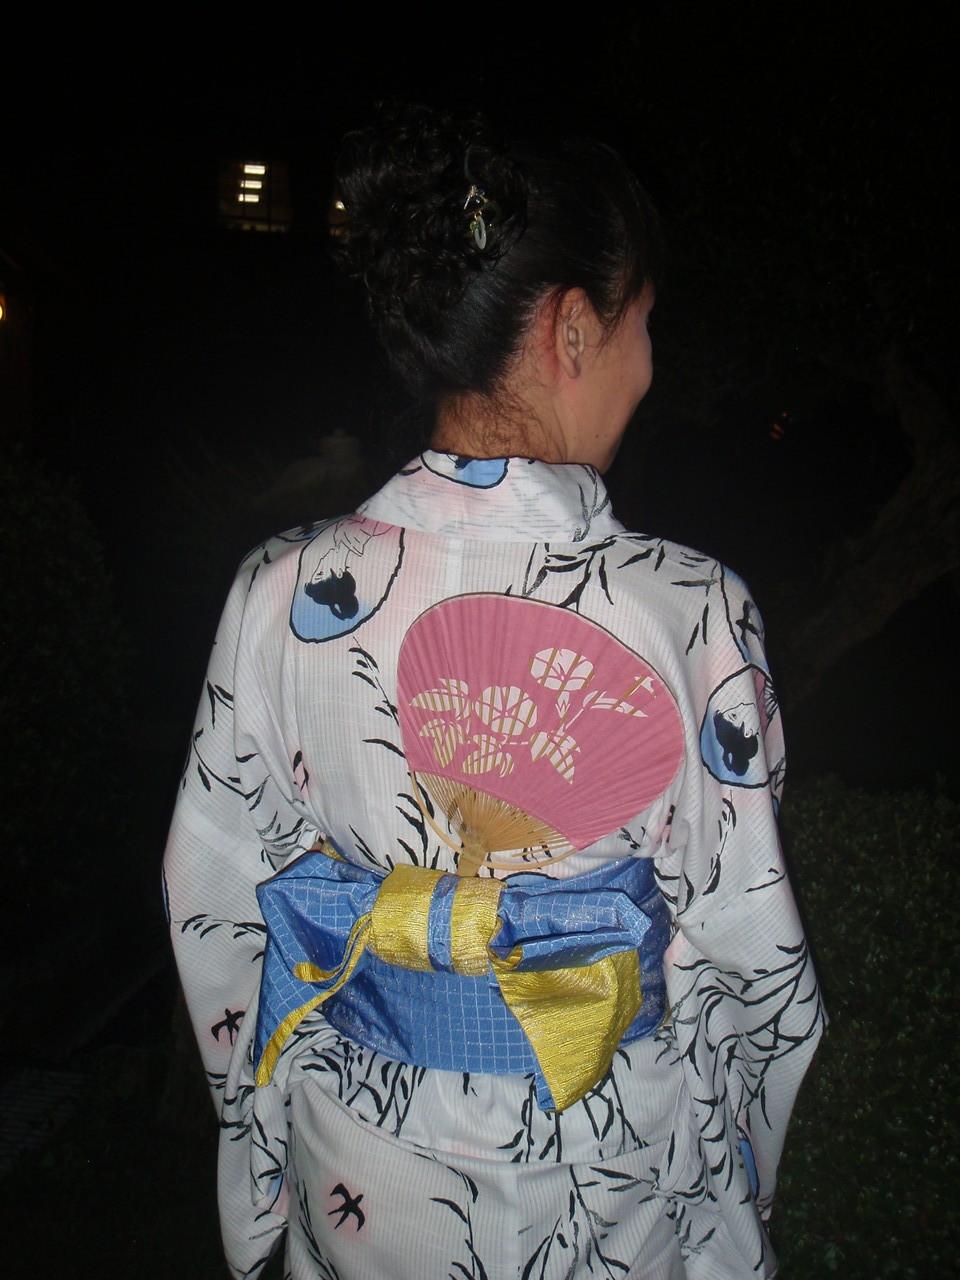 あゆみキモノ学院「はいから和生活」(岐阜県下呂市の着物教室)プレゼンツ夏の装い 浴衣(ゆかた)